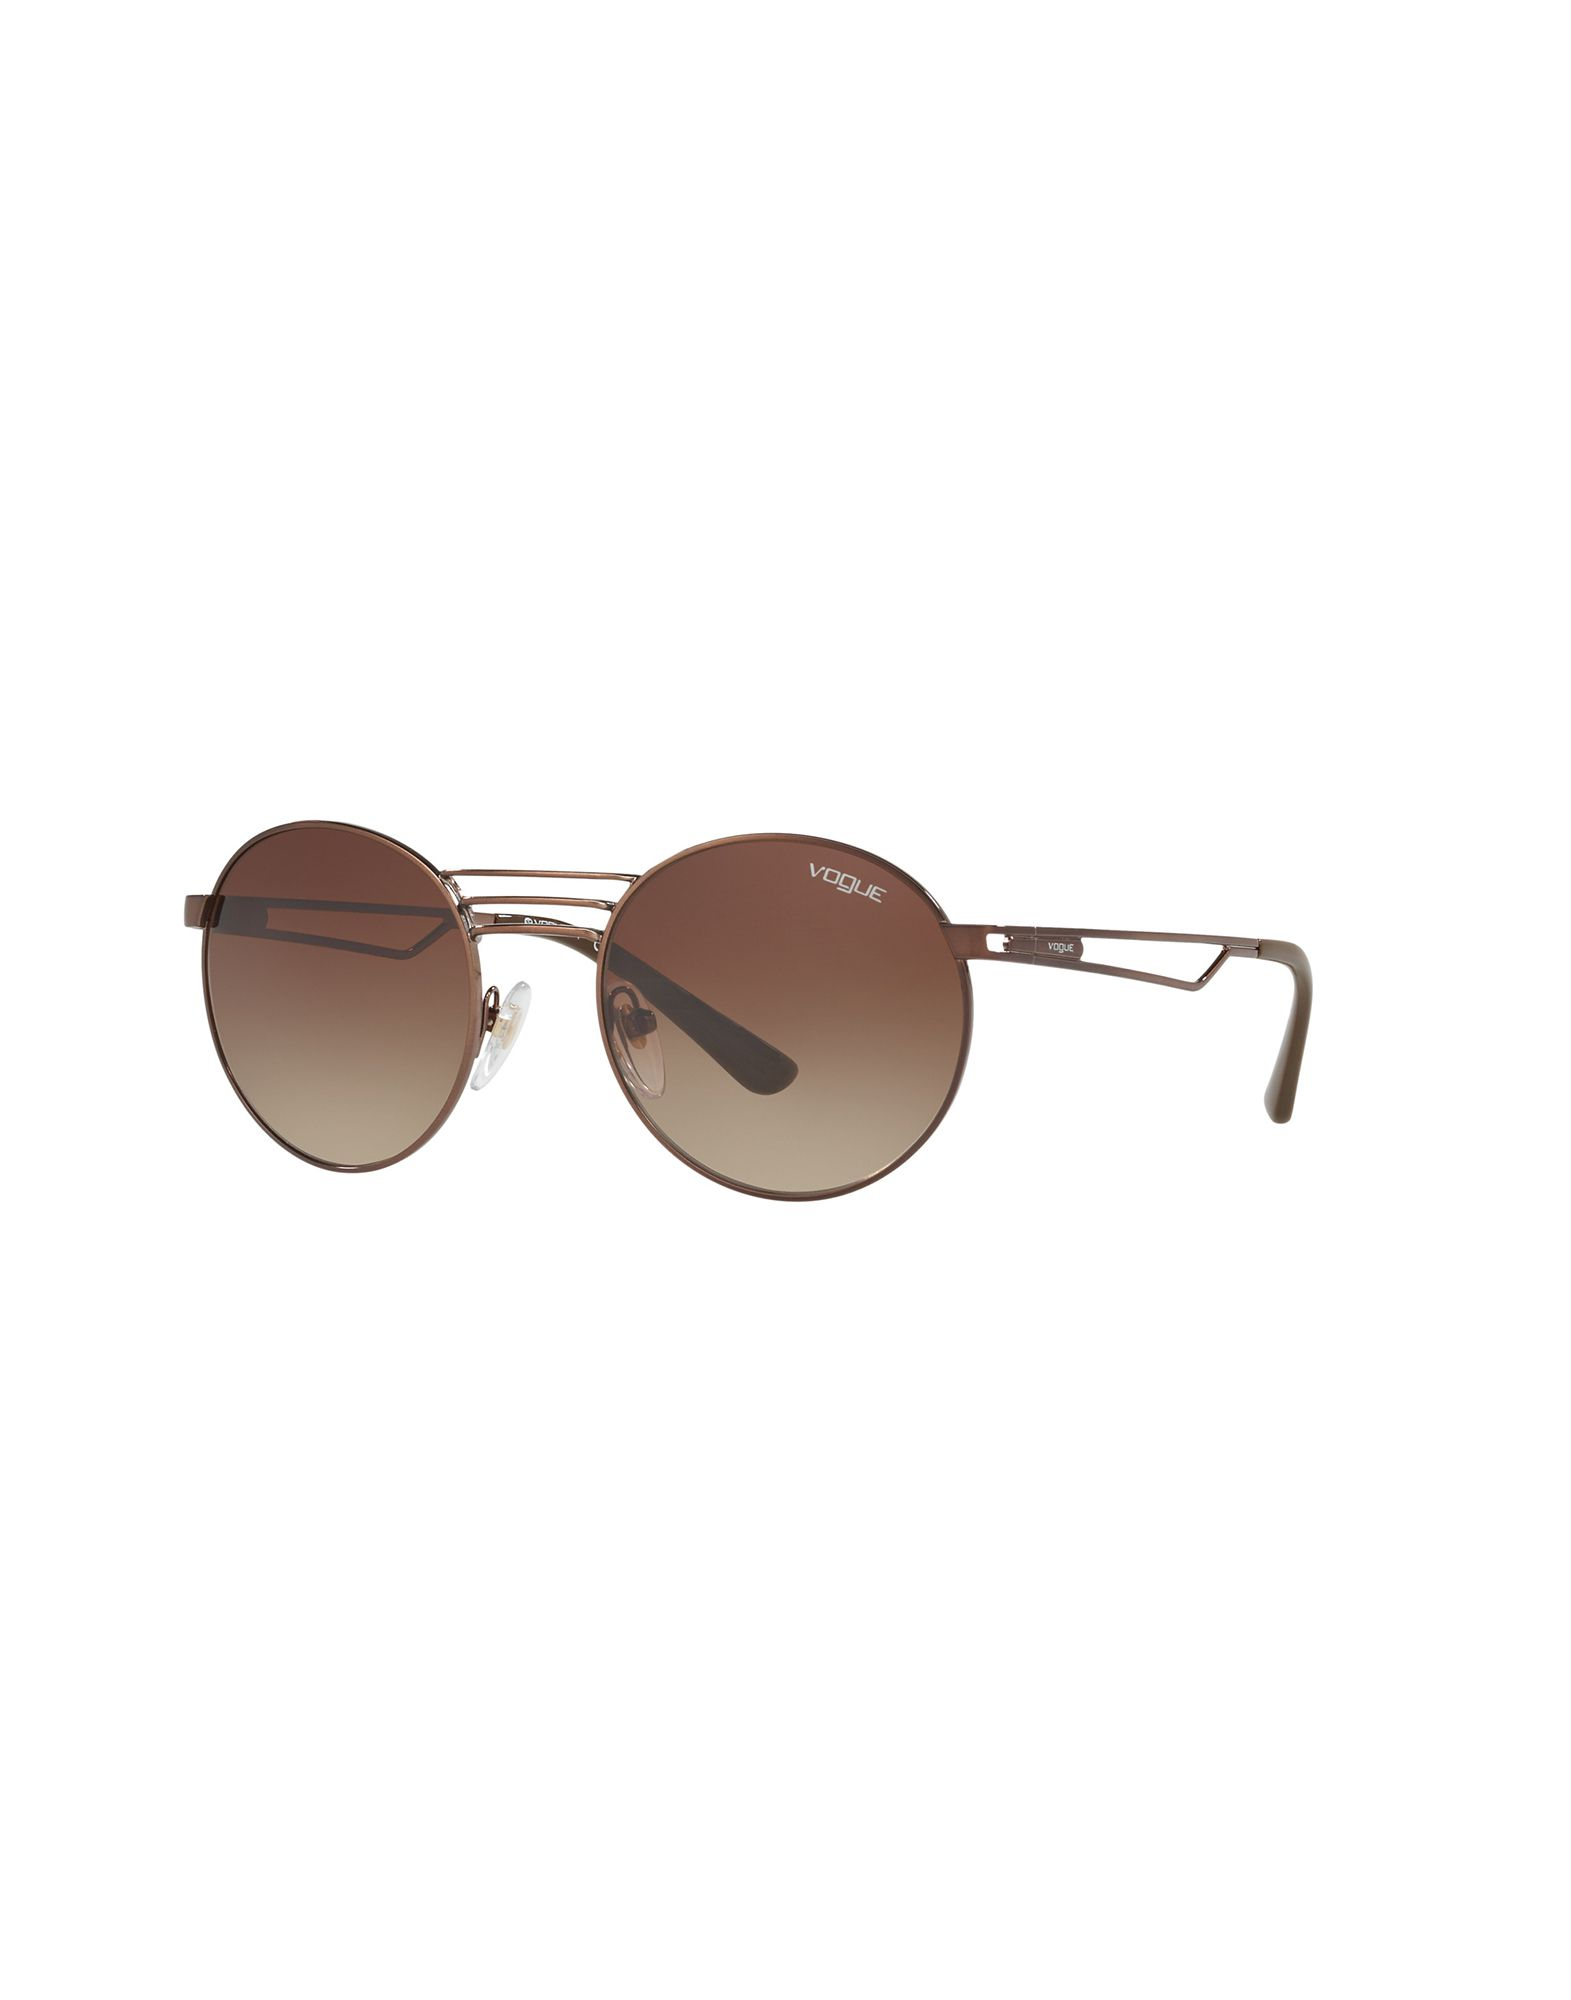 VOGUE Солнечные очки vogue vogel huaguang серии оправа модные и элегантные красное вино половины кадра каркасной оптические оправы vo4017d 812s 53mm